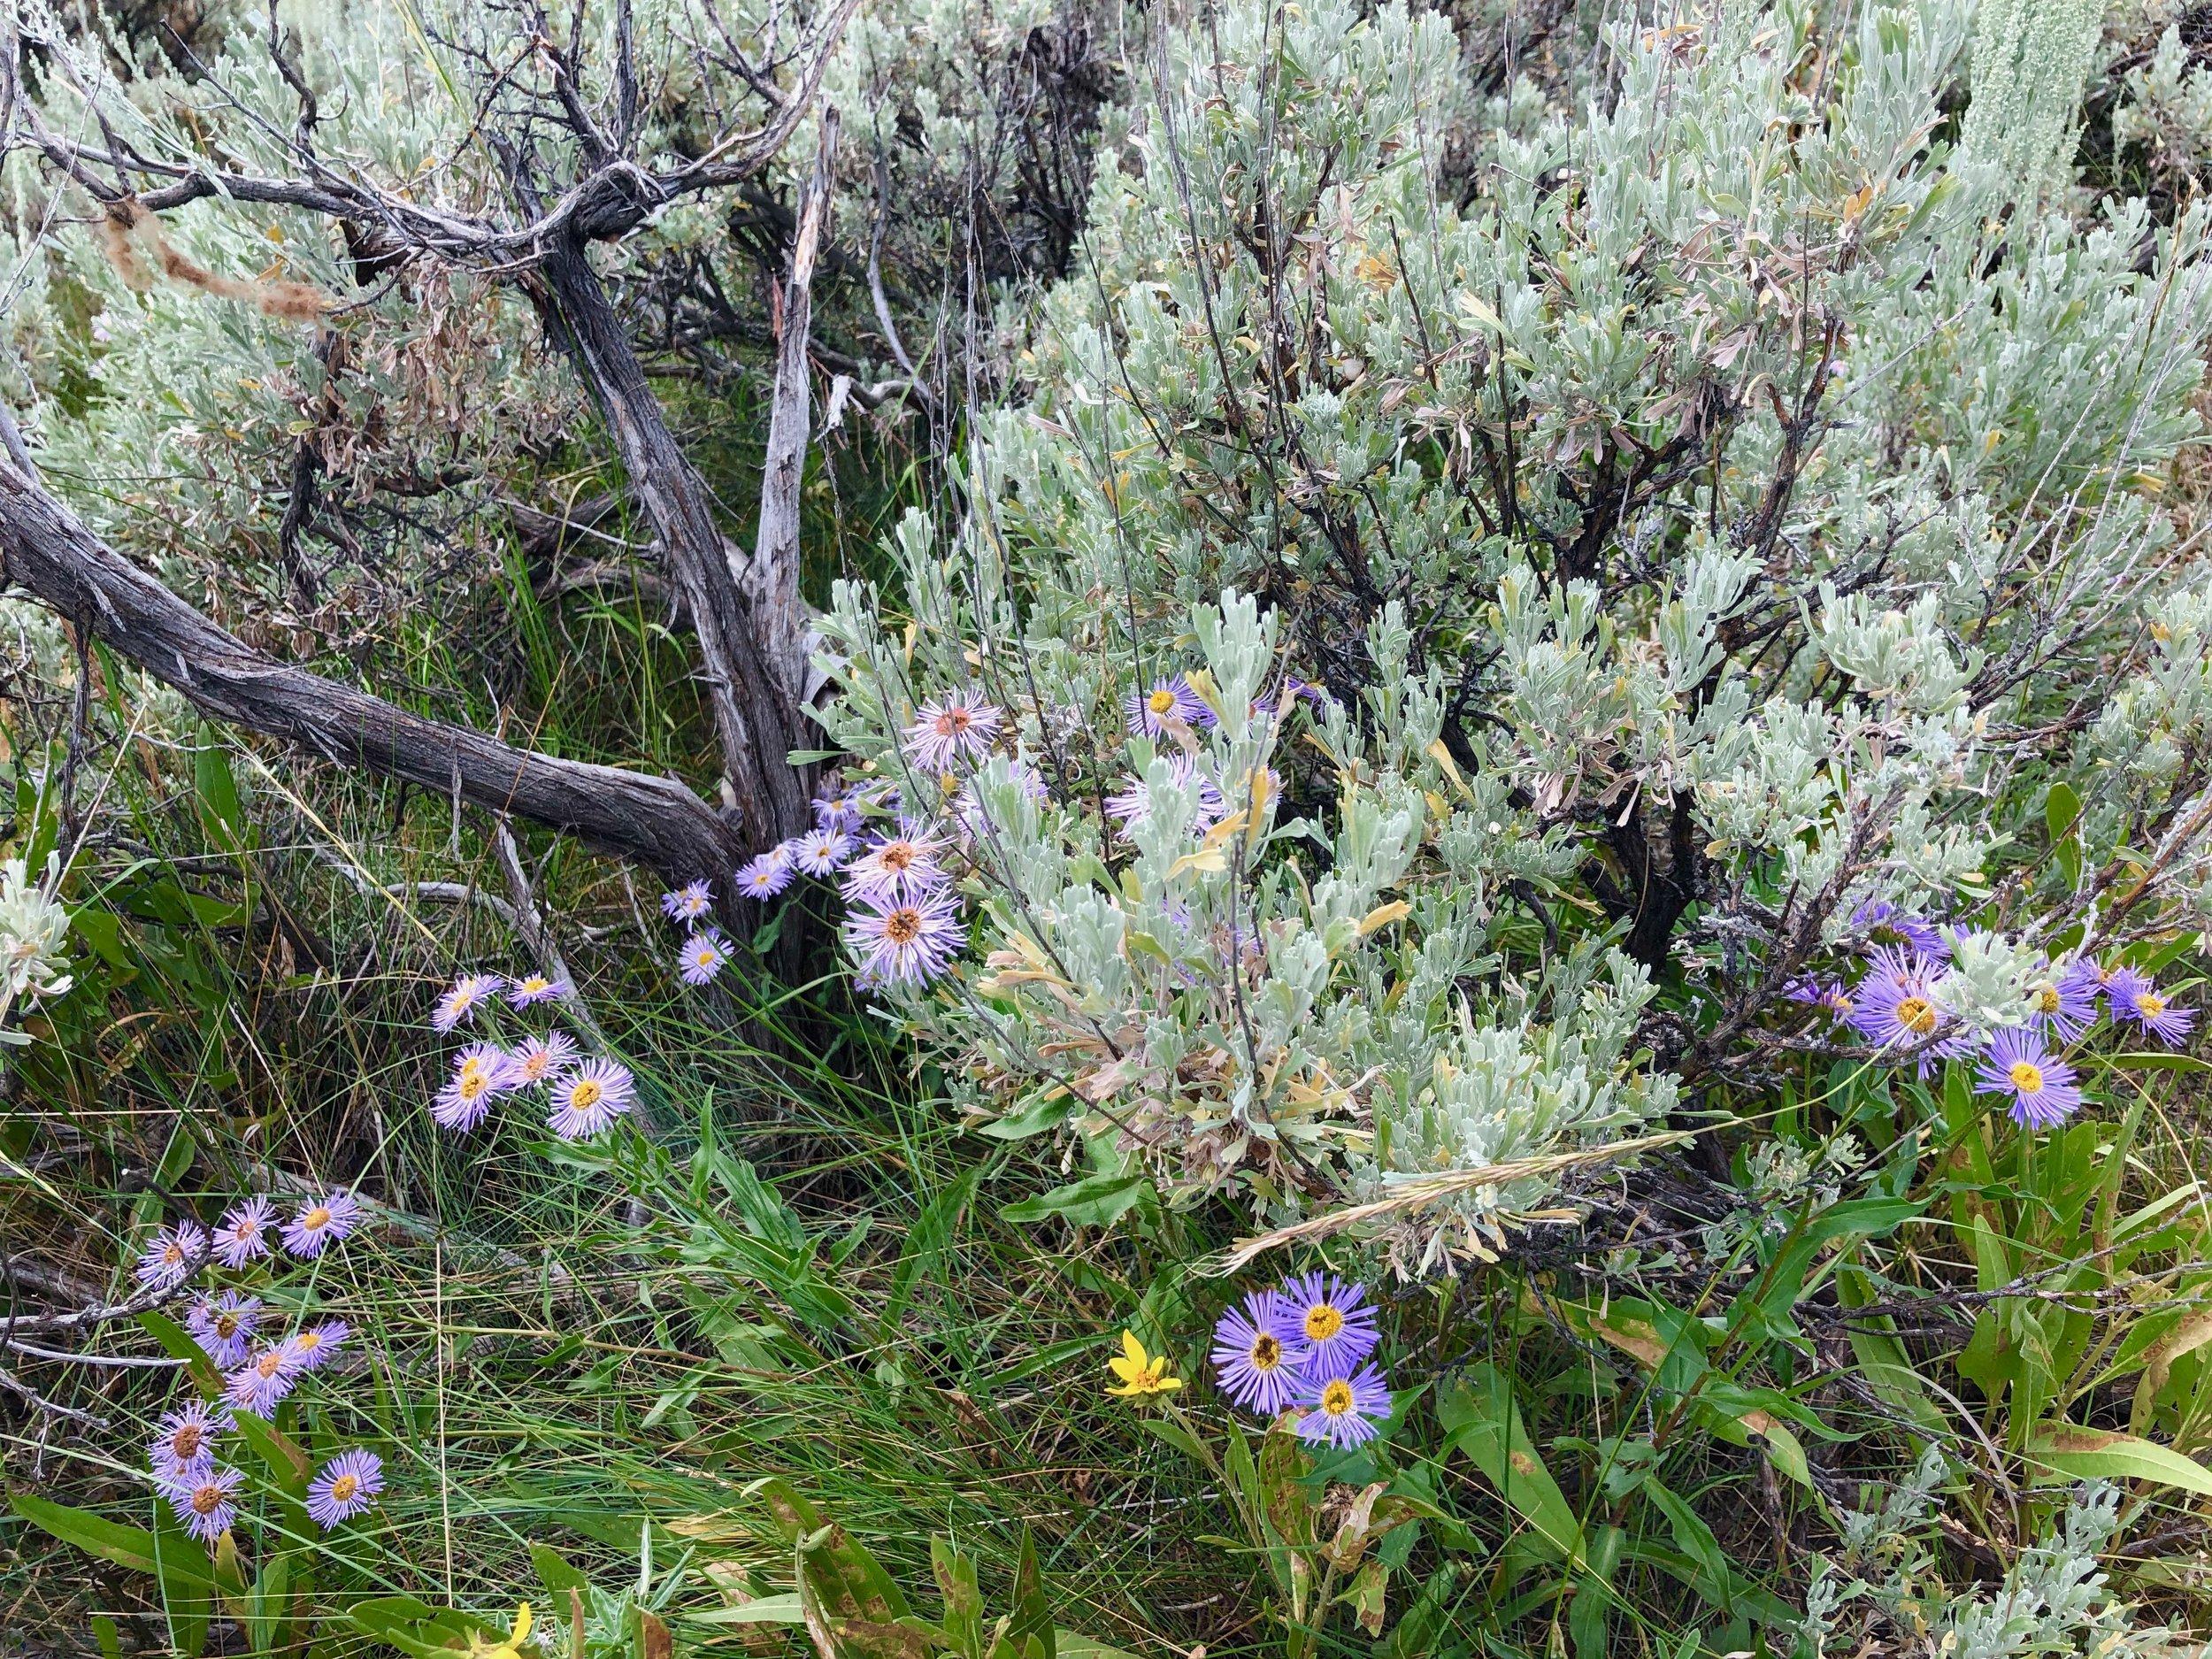 Sagebrush and wildflowers